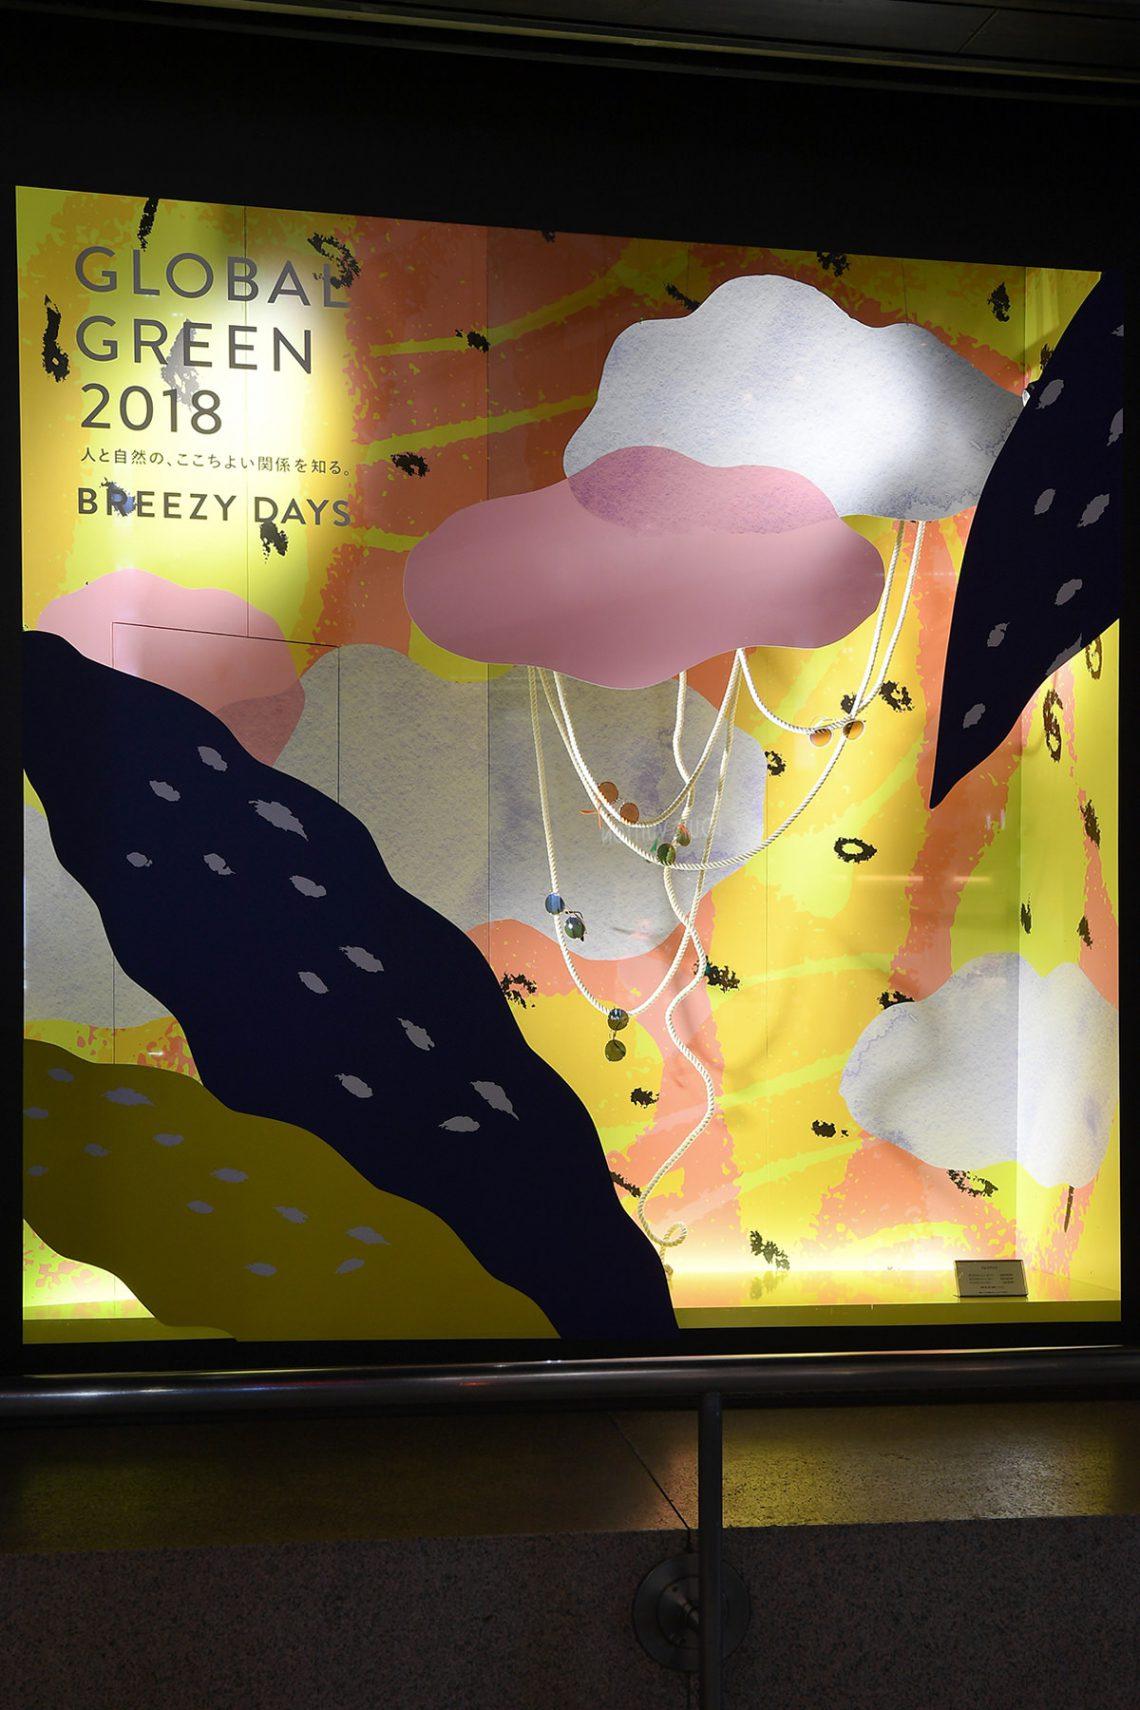 伊勢丹 ウィンドウディスプレイ 「グローバルグリーン2018」